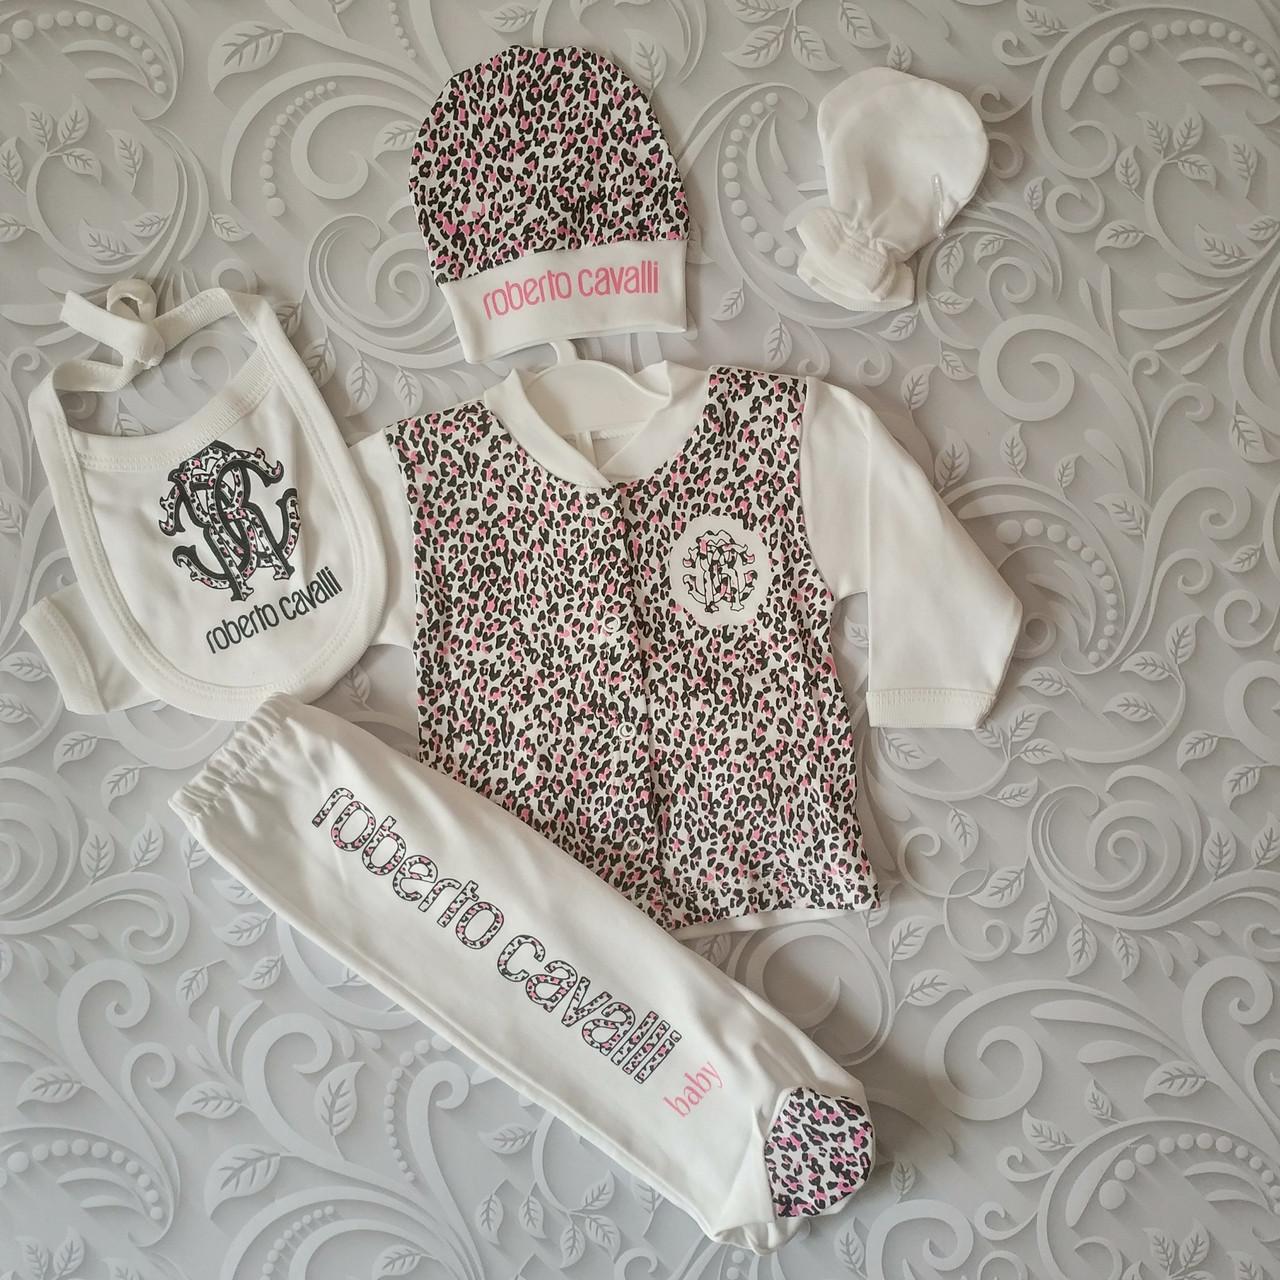 Набор Roberto Cavalli  для новорожденного, 5 предметов